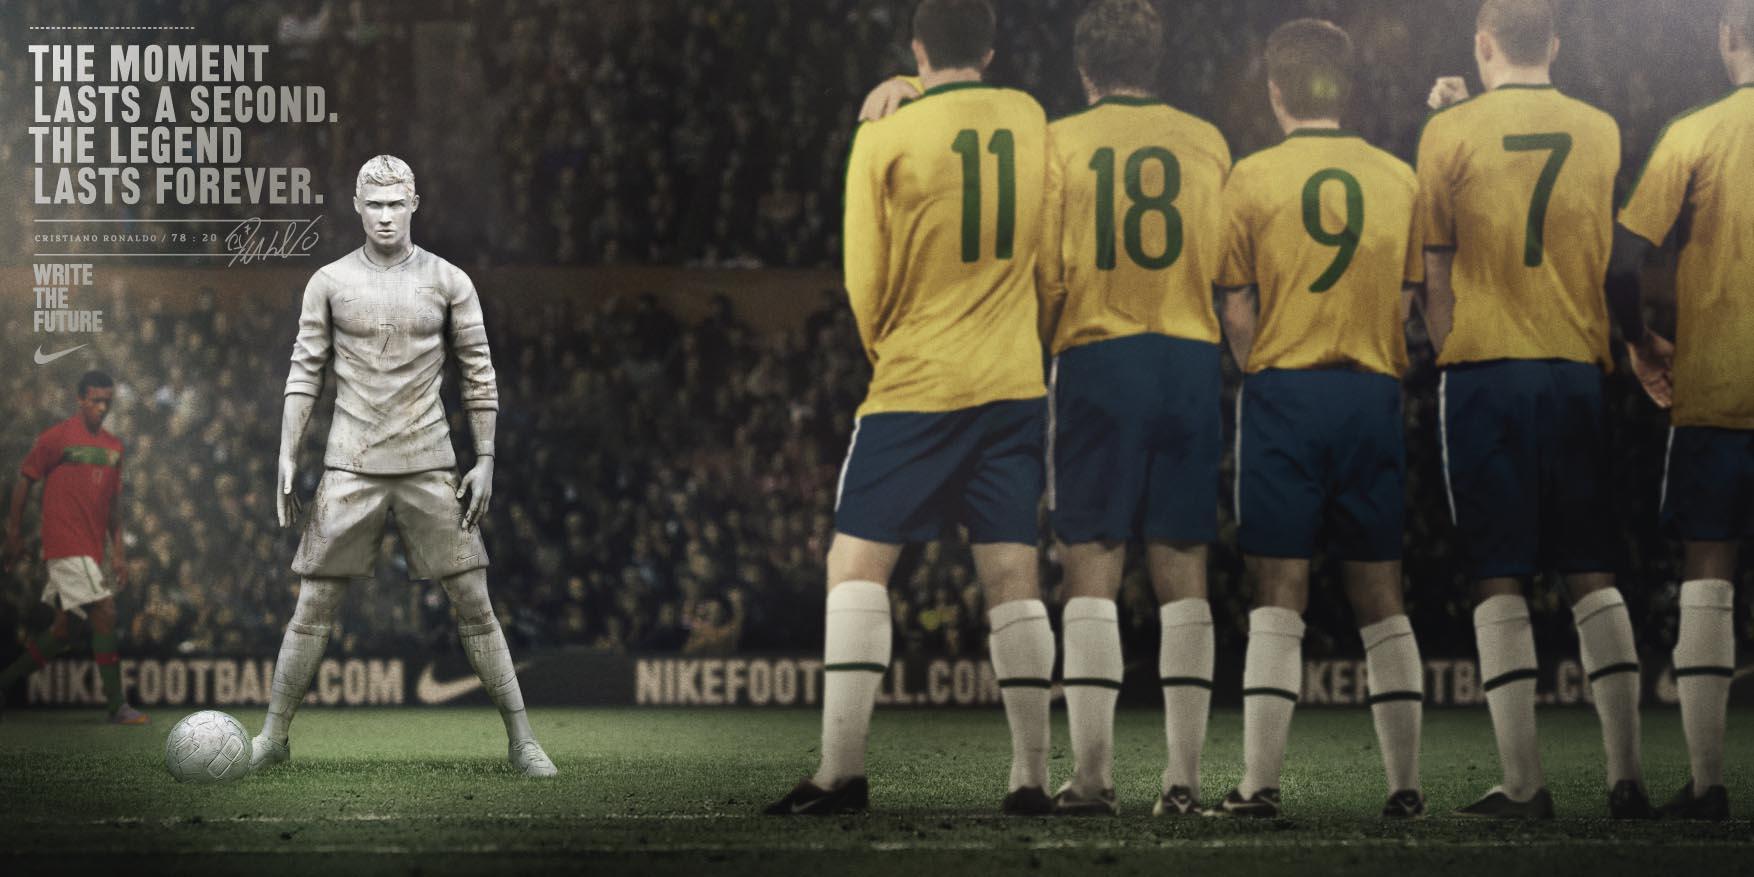 Spécial Coupe du Monde de Football : Les 100 plus belles publicités sur le foot ! 2